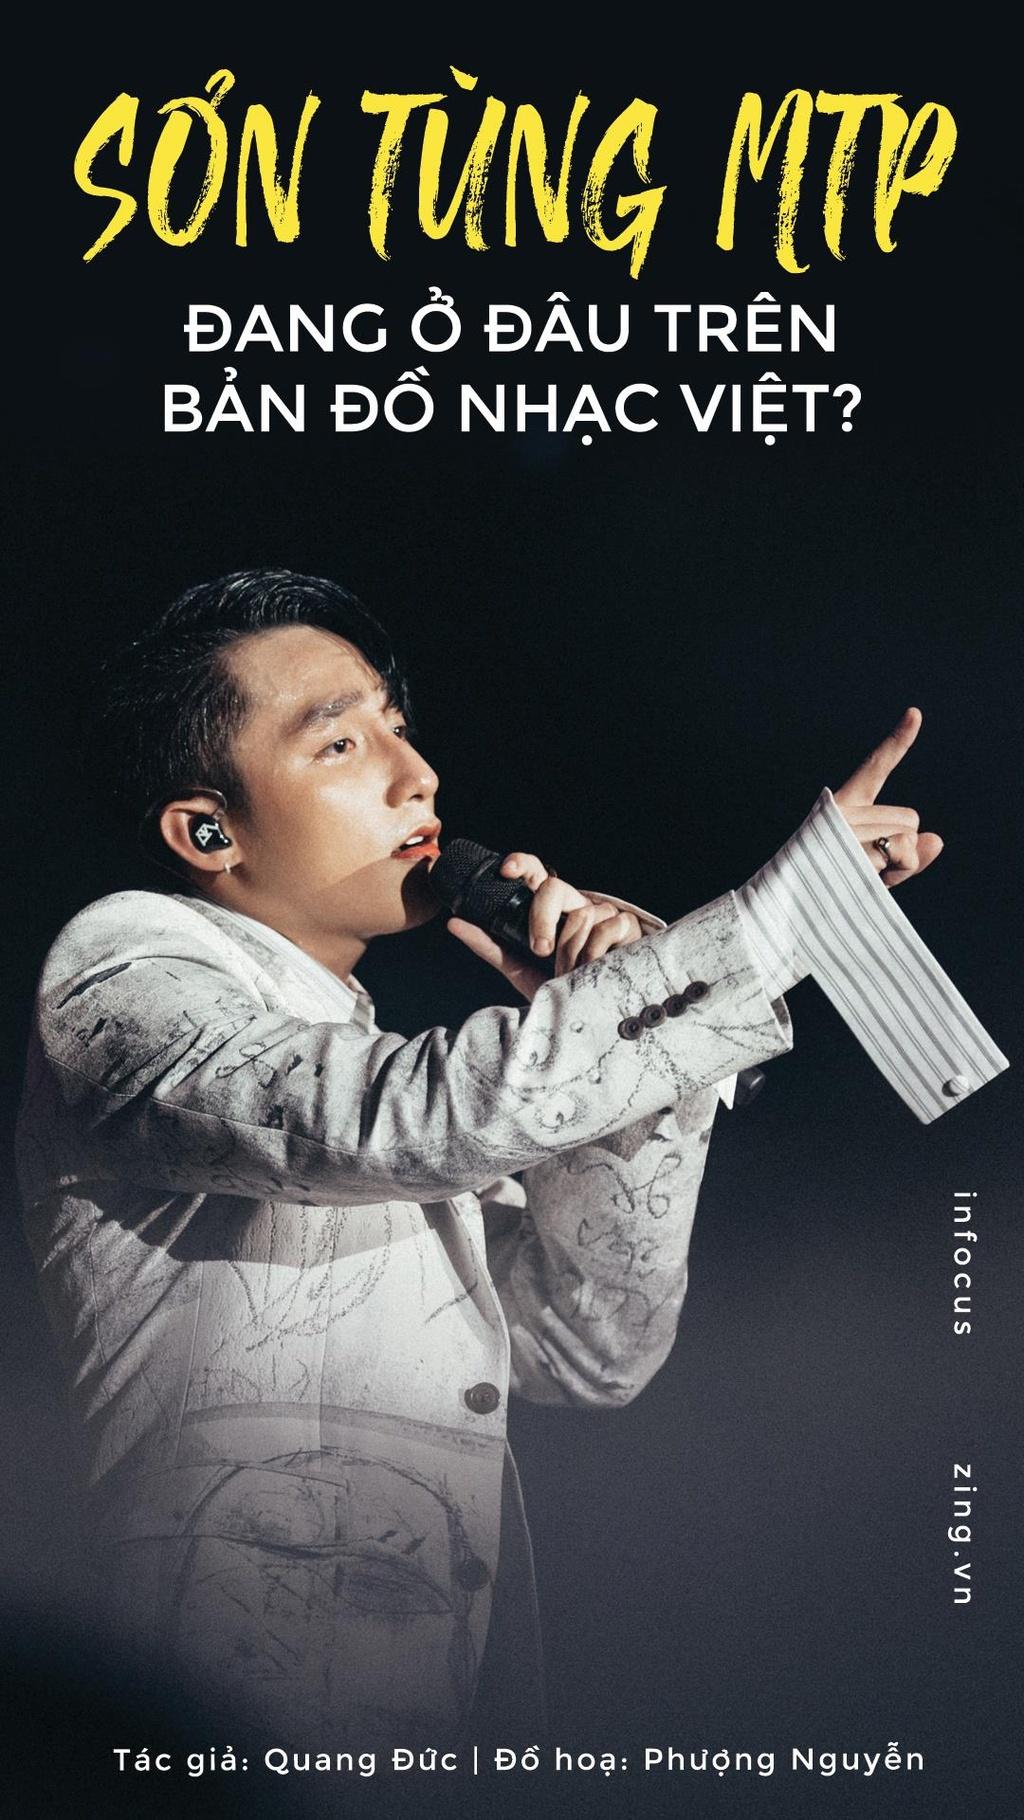 Son Tung M-TP dang bi de doa vi tri doc ton o lang nhac Viet? hinh anh 1